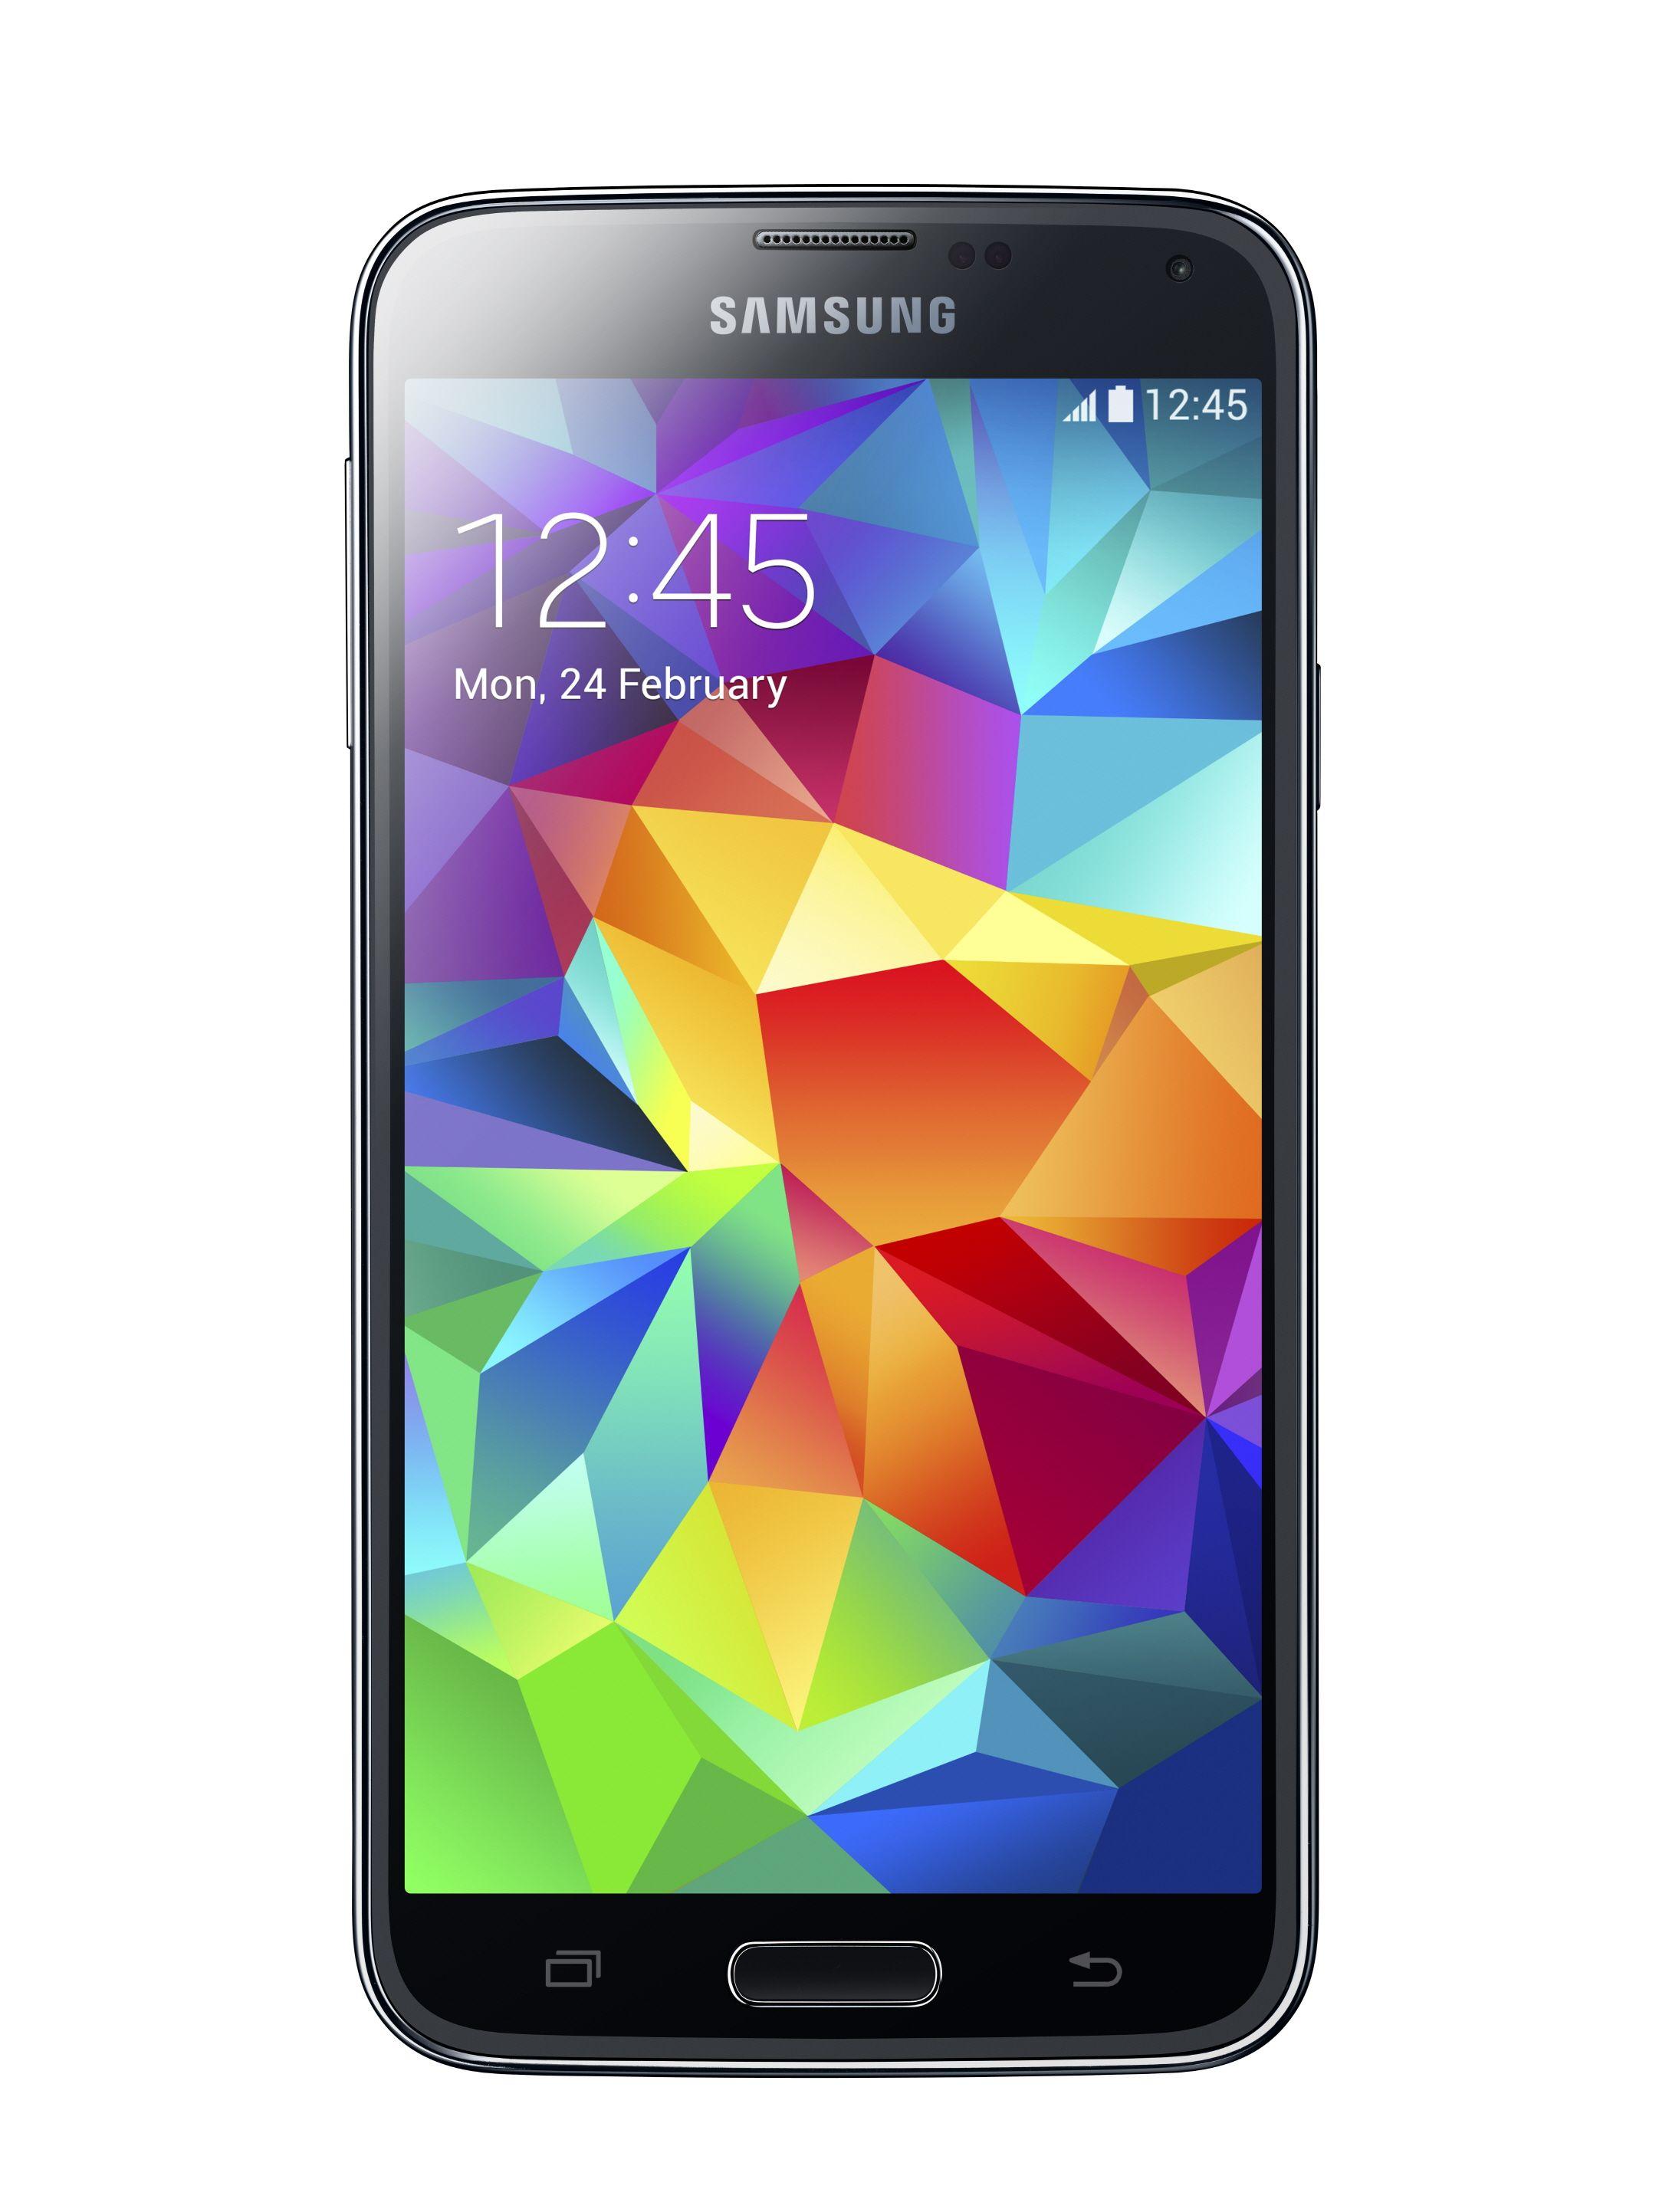 Samsung Galaxy S5 prezzo